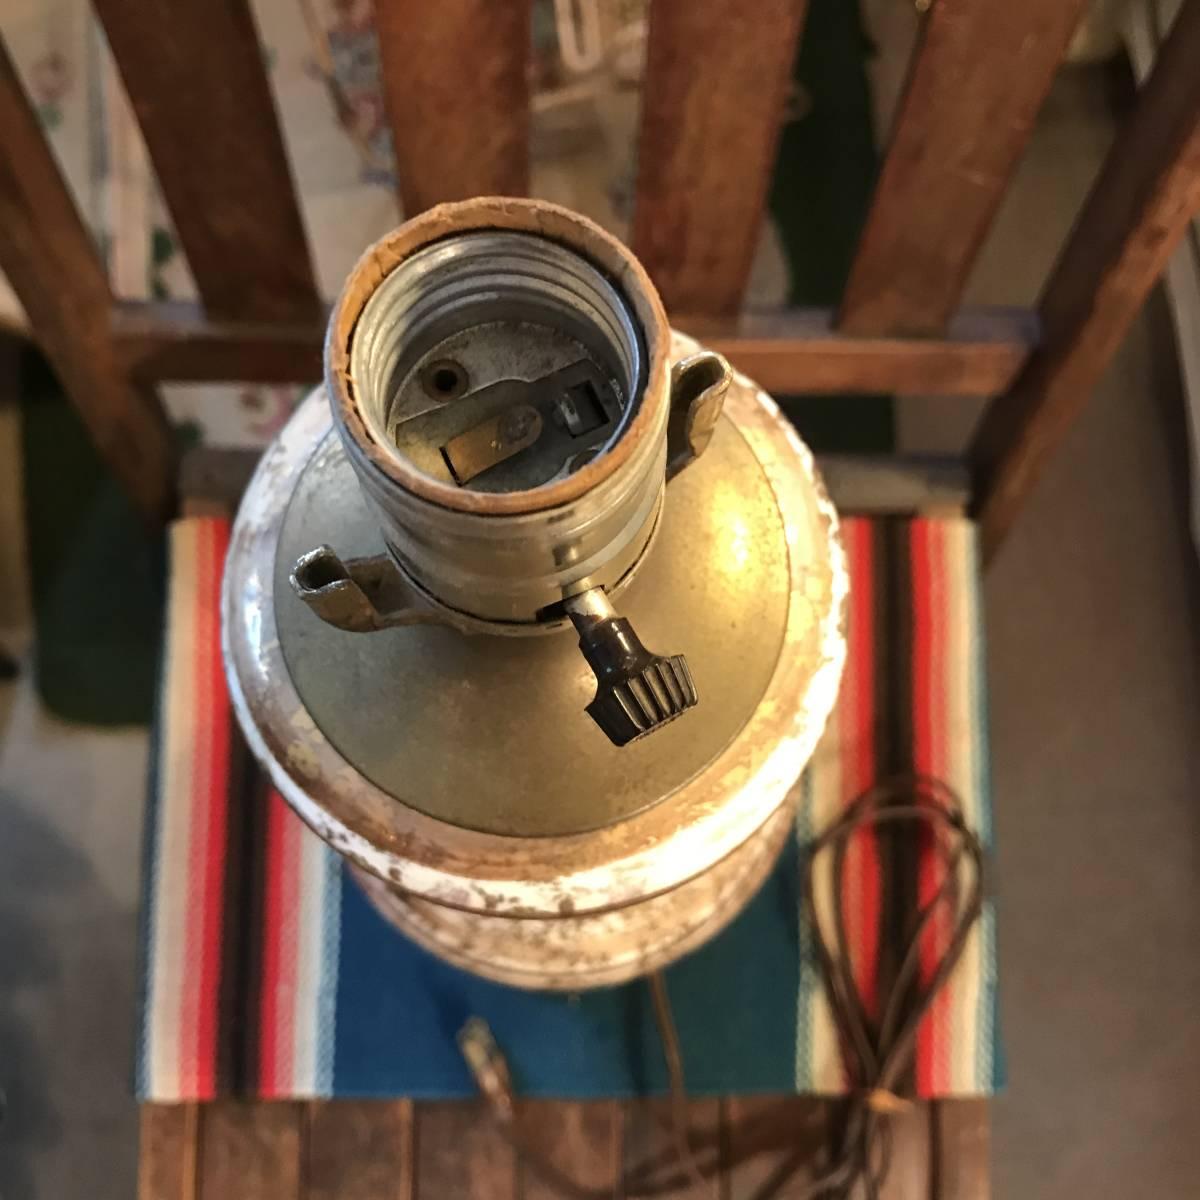 貴重!50'sアメリカアンティーク 茶×白×金色ランプ USA製ヴィンテージ家具Antiqueミッドセンチュリー/カリフォルニア西海岸60's70's_画像5